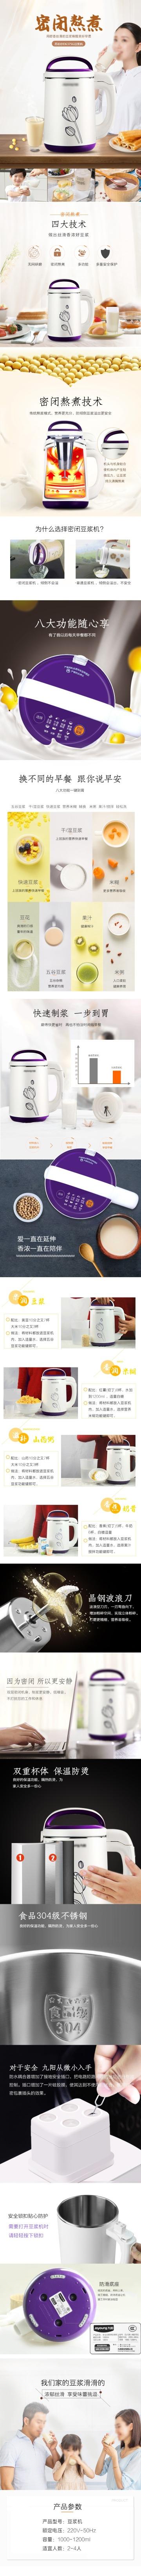 清新简约百货零售家居生活家电豆浆机促销电商详情页